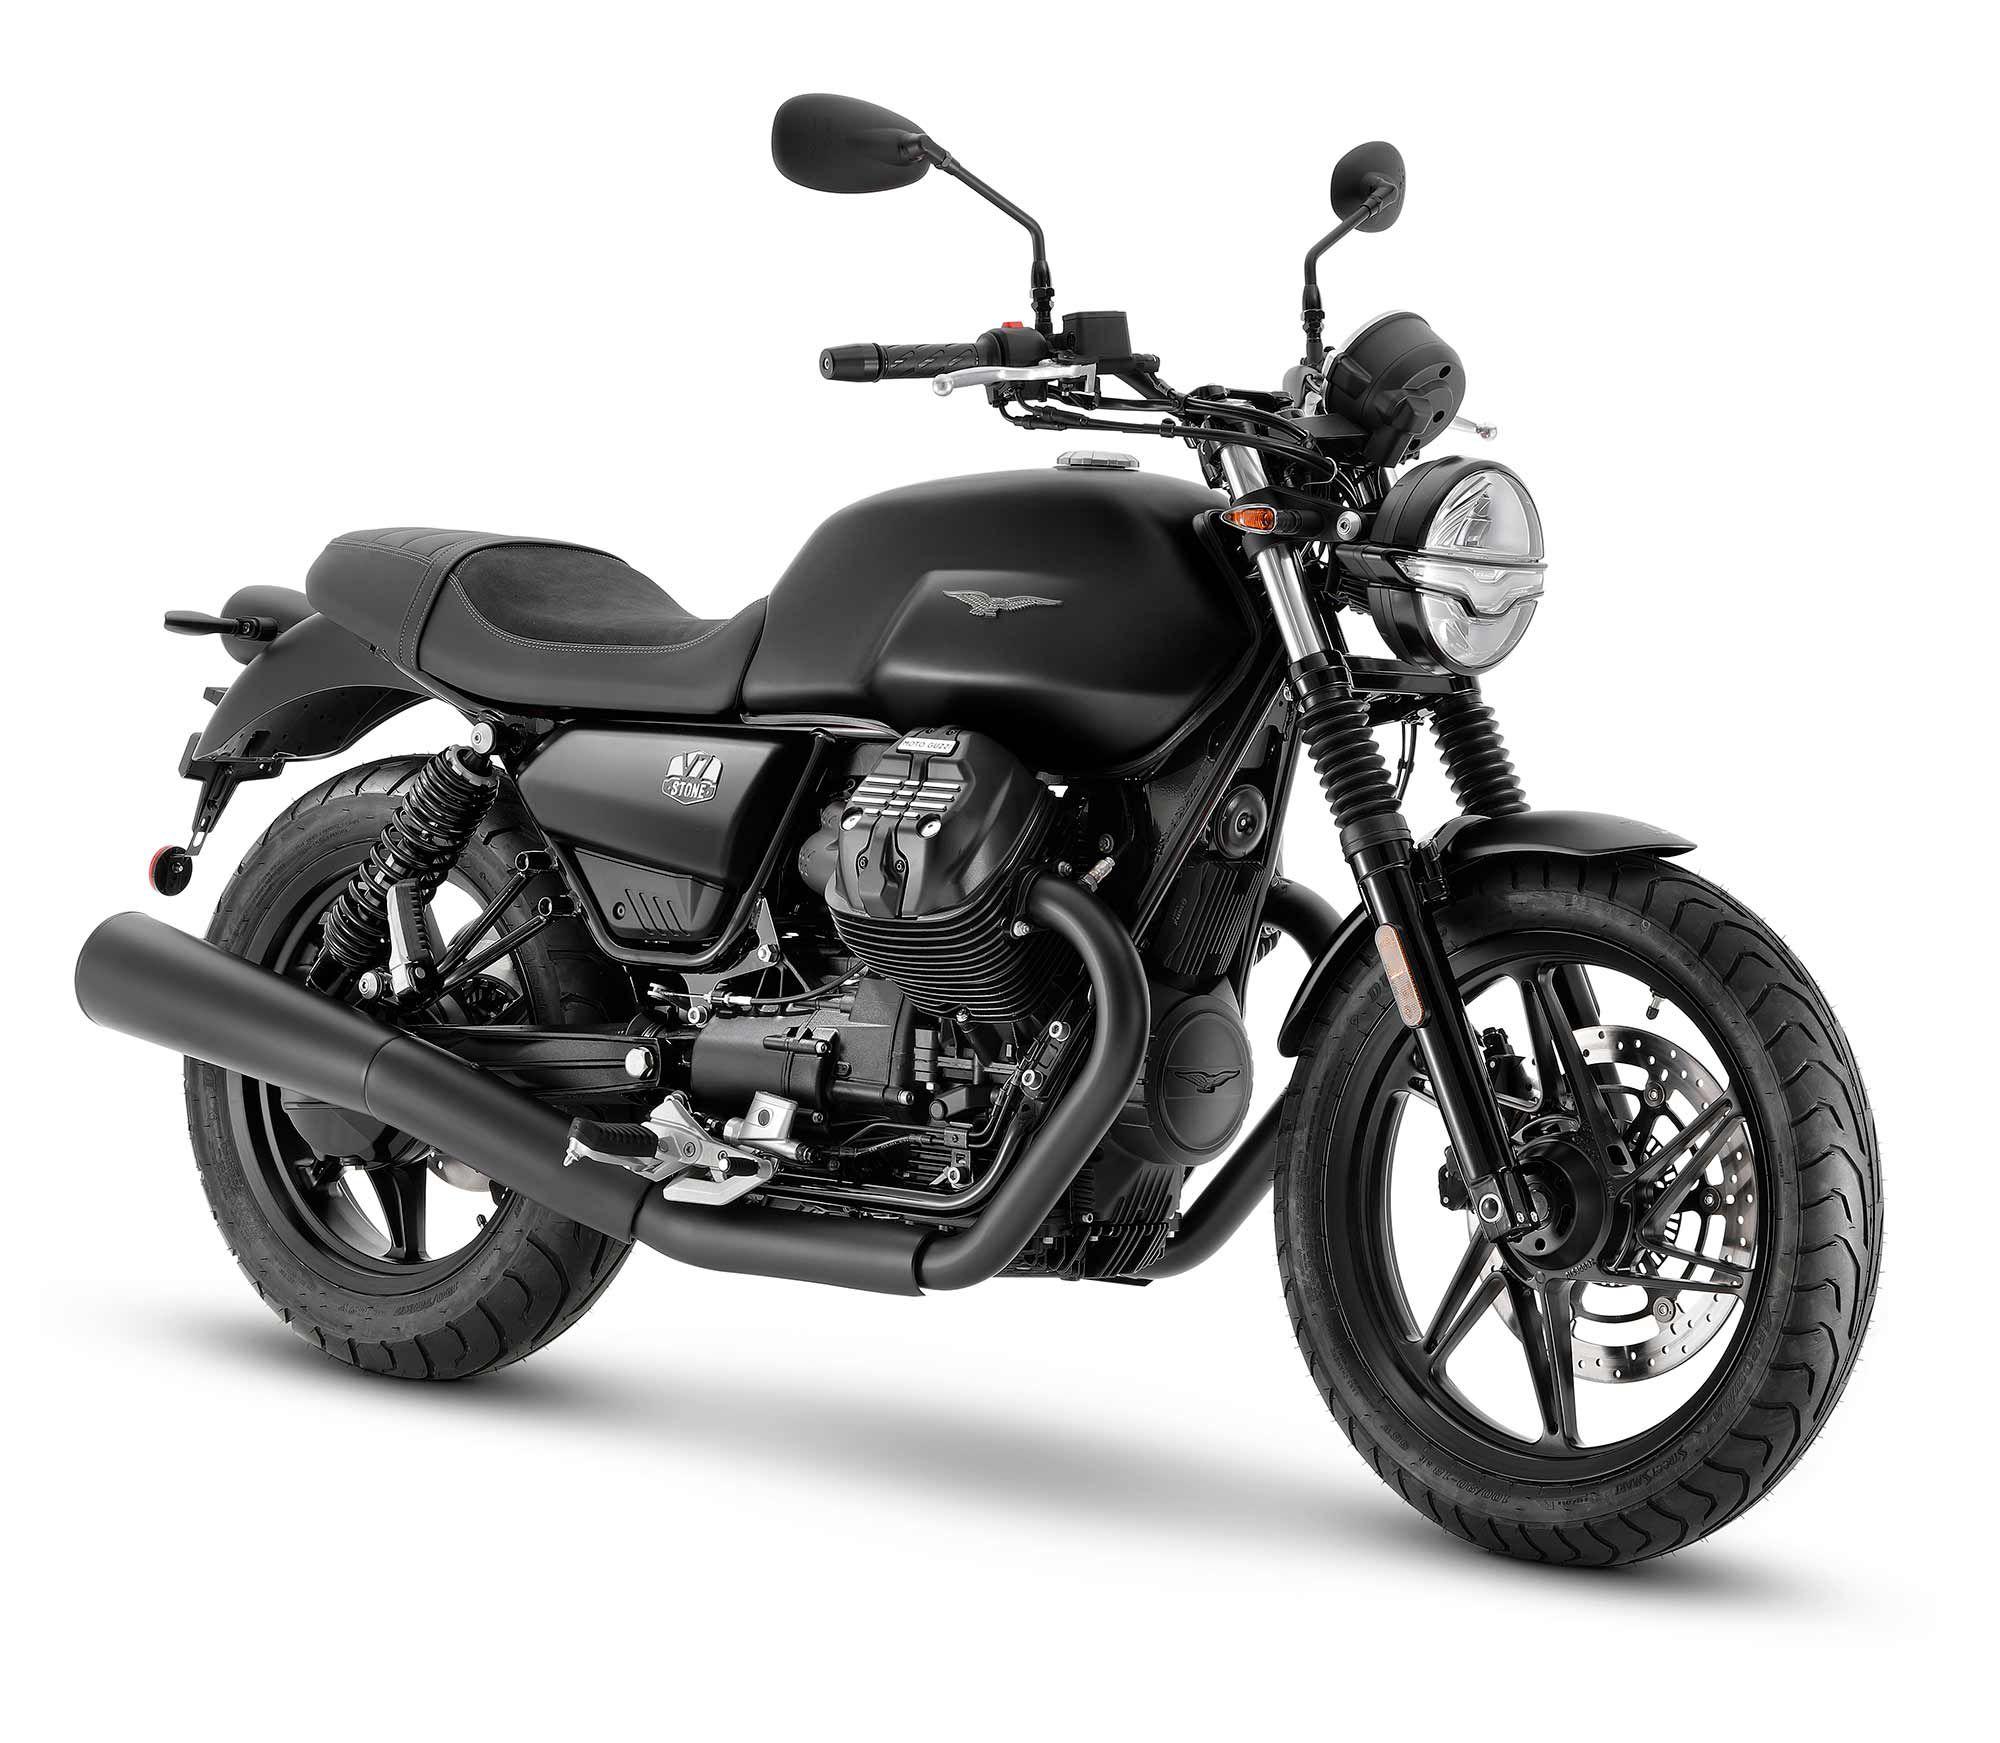 2021 Moto Guzzi V7 Stone (Nero Ravido).